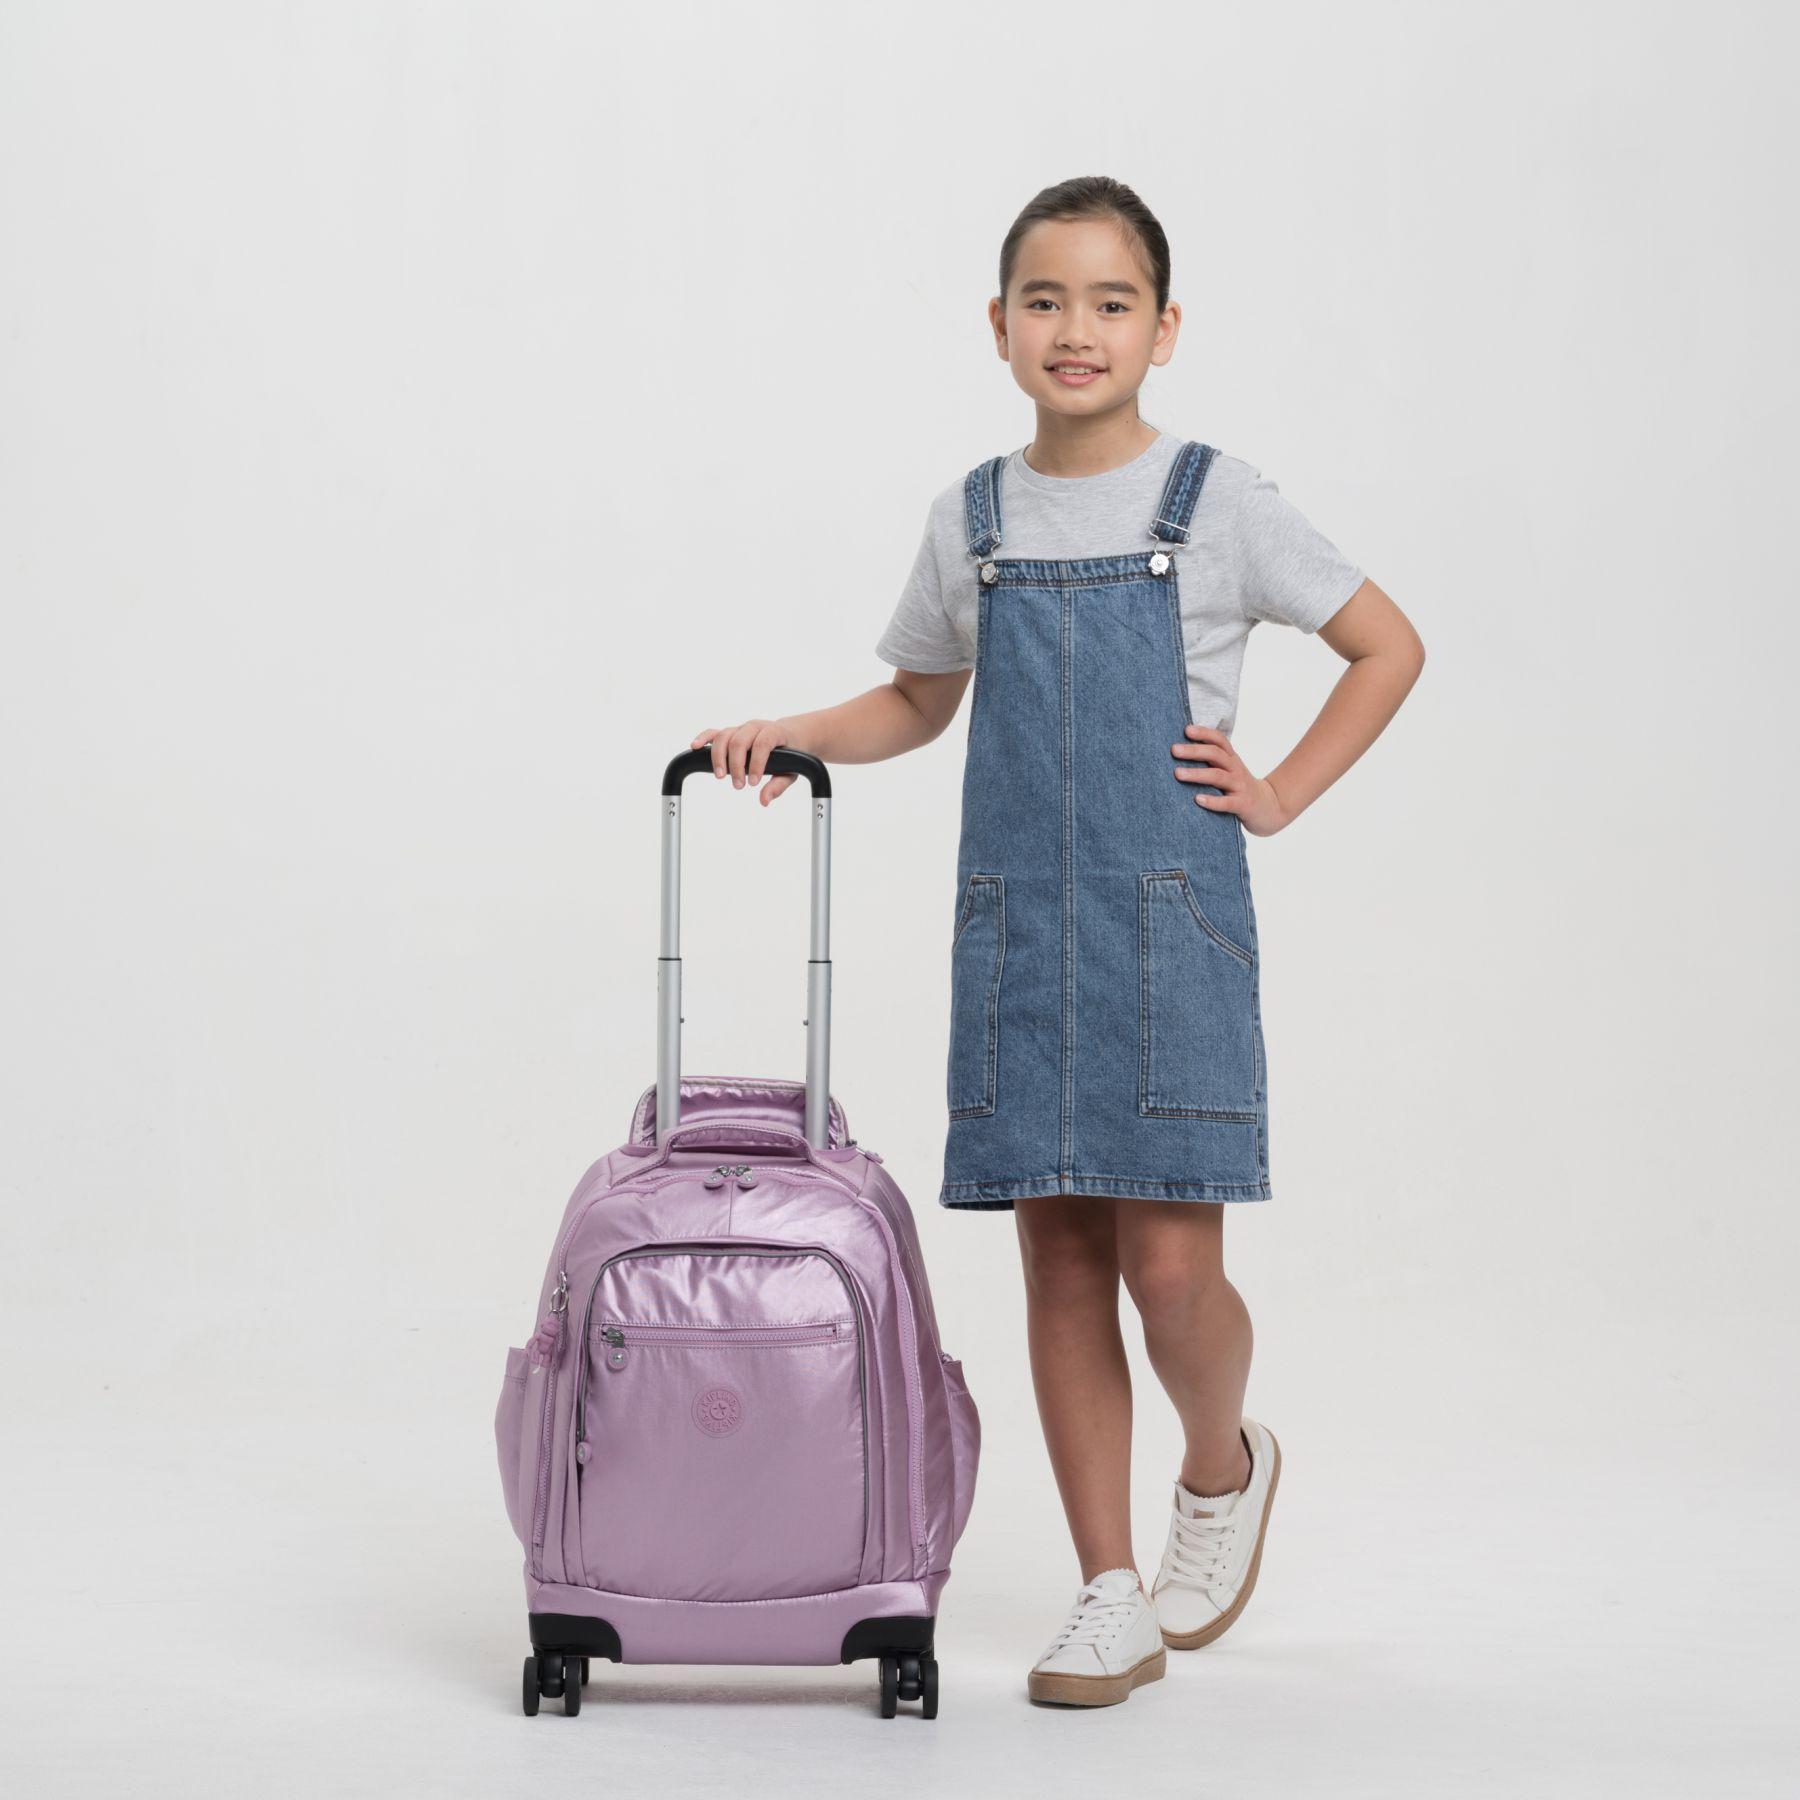 ZEA SCHOOL BAGS by Kipling